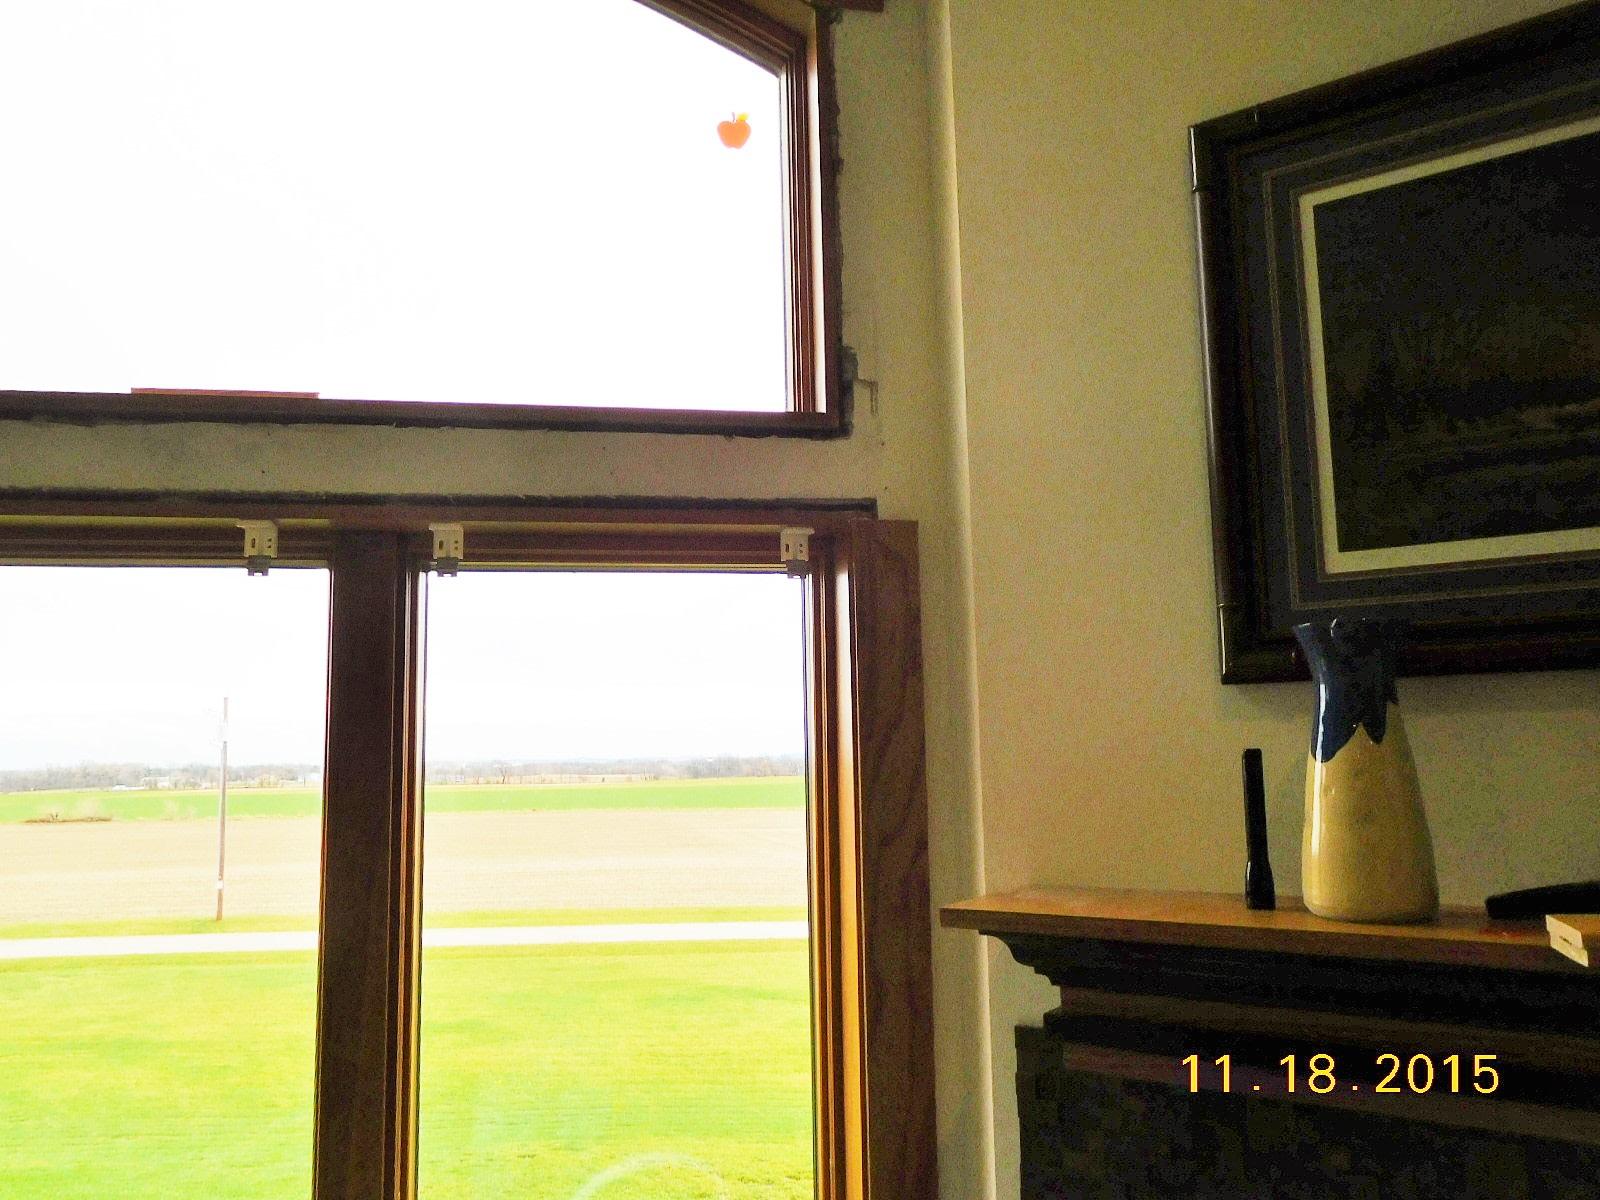 Window (naked eye).